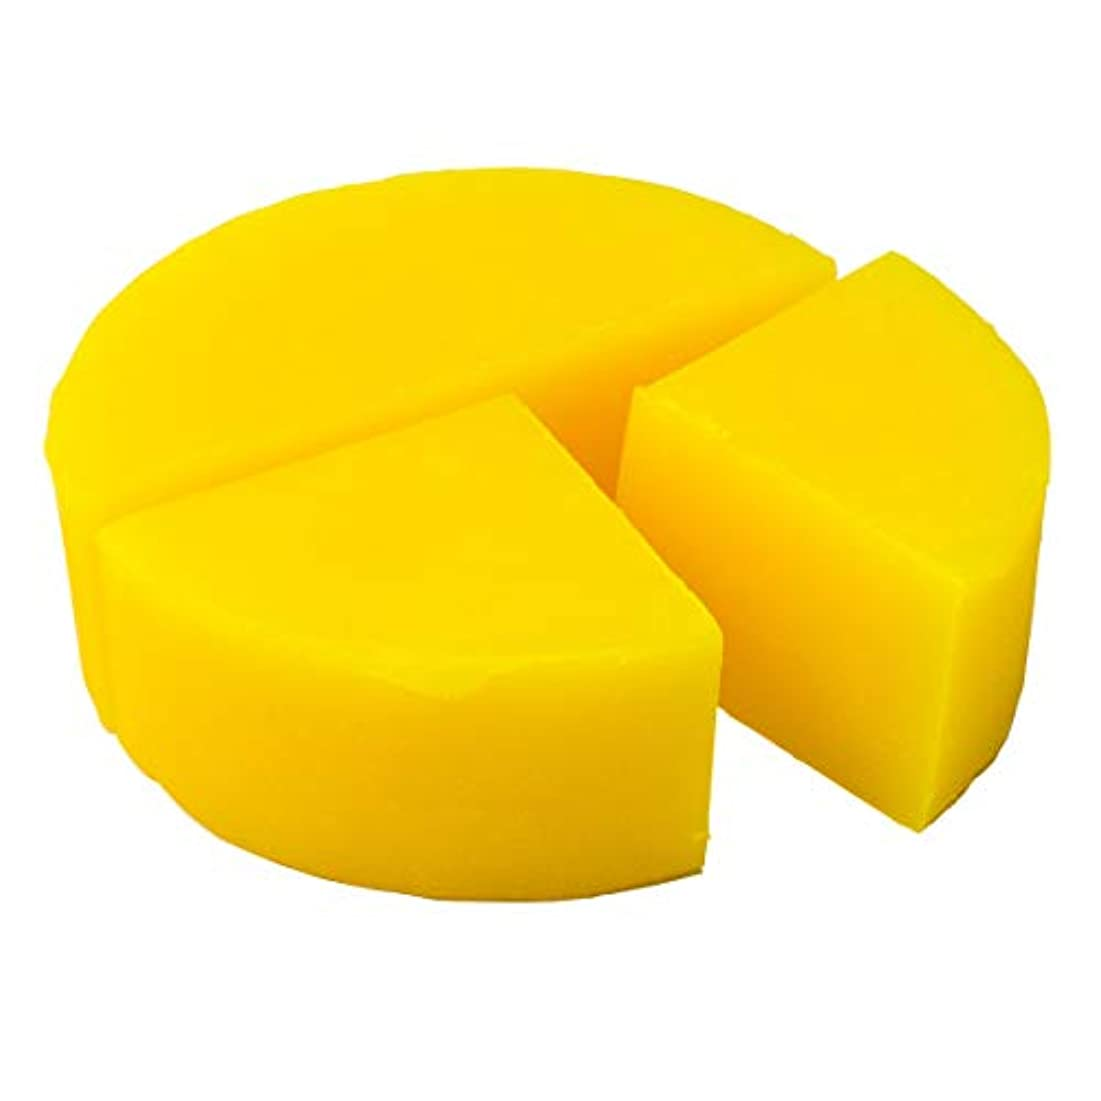 以内に軍団報いるグリセリン クリアソープ 色チップ 黄 100g (MPソープ)